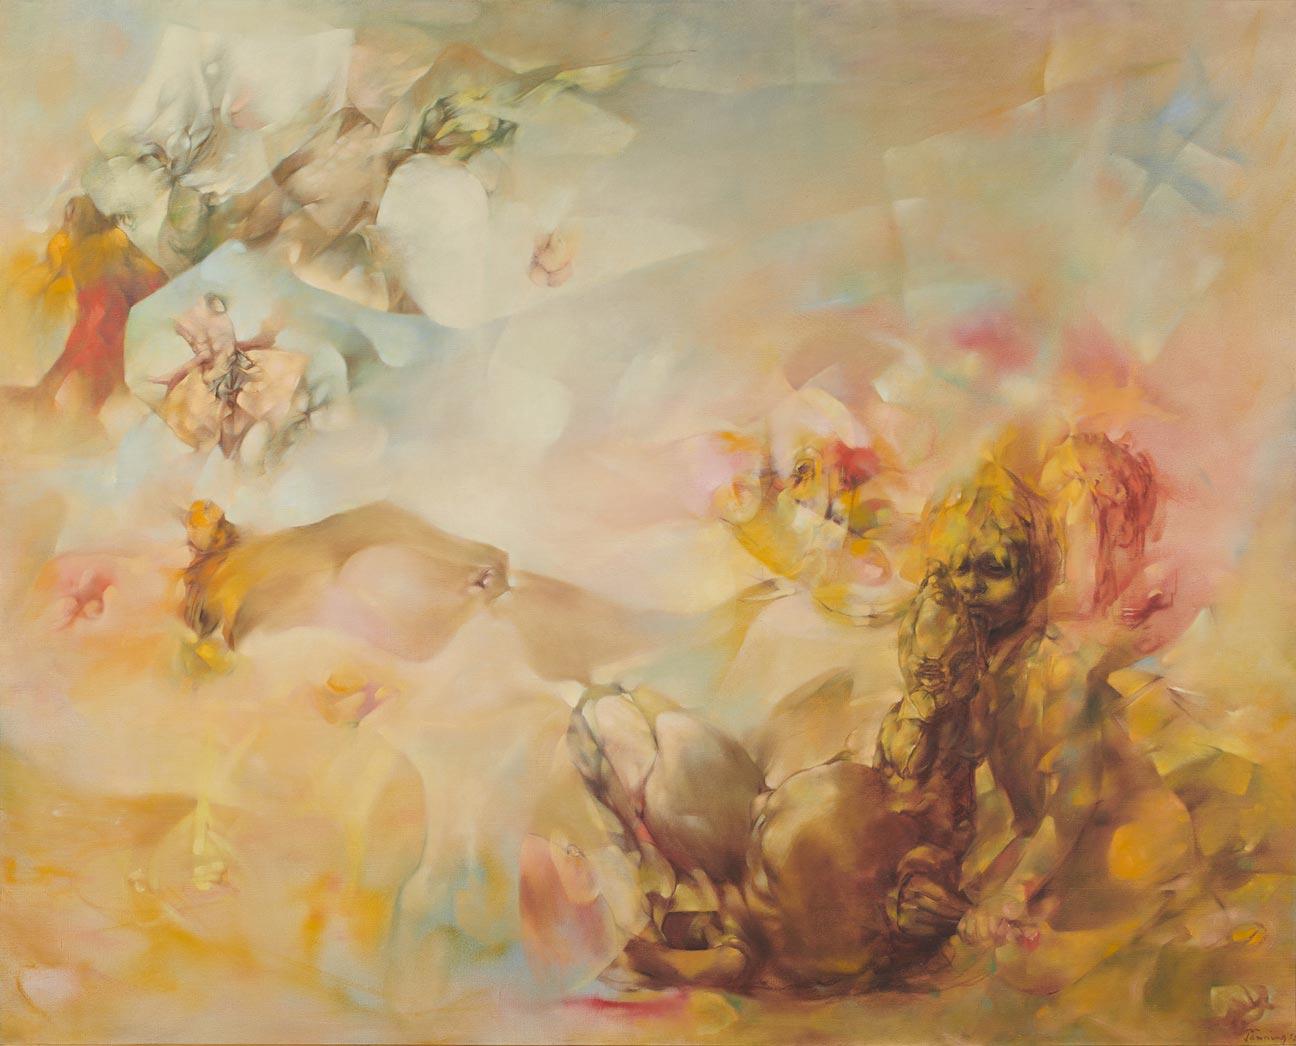 Le Mal Oublié - El mal olvidado - Cuadro Surrealista pintado por Dorothea Tanning en 1955 - Óleo sobre Lienzo 132 x 155 cm